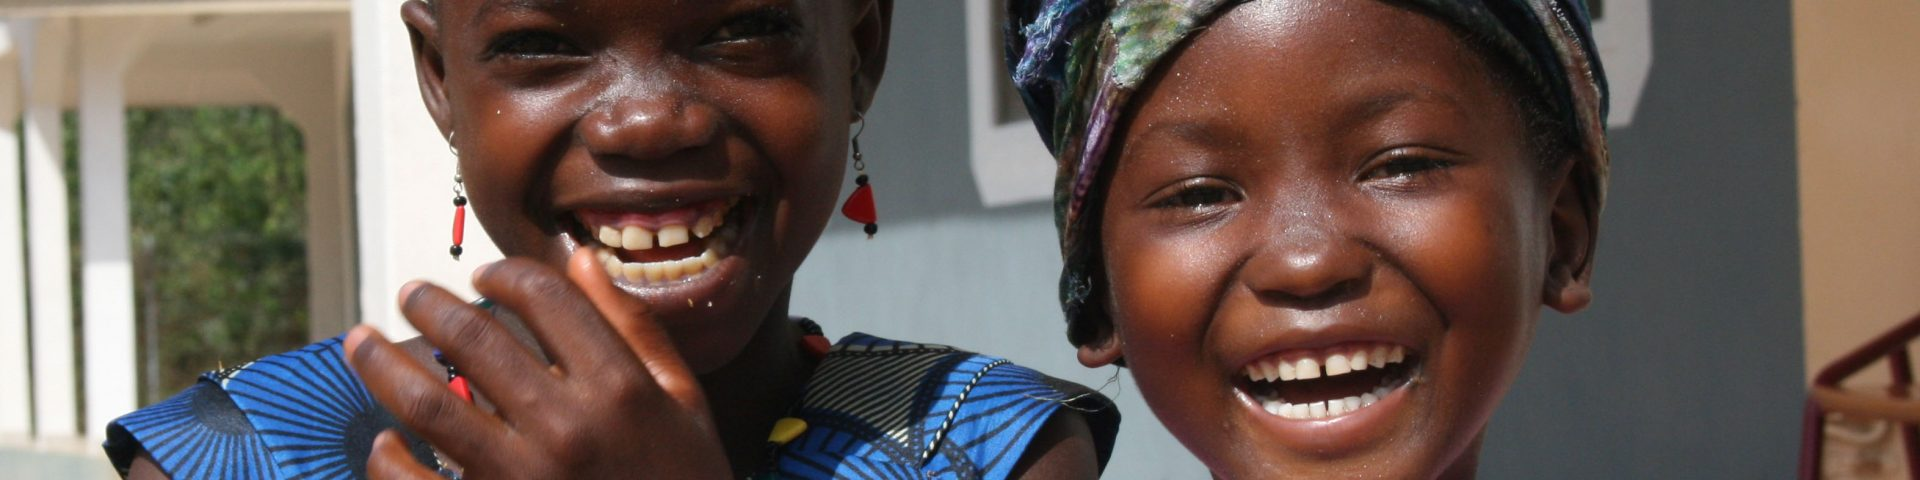 Lachende afrikaanse kinderen